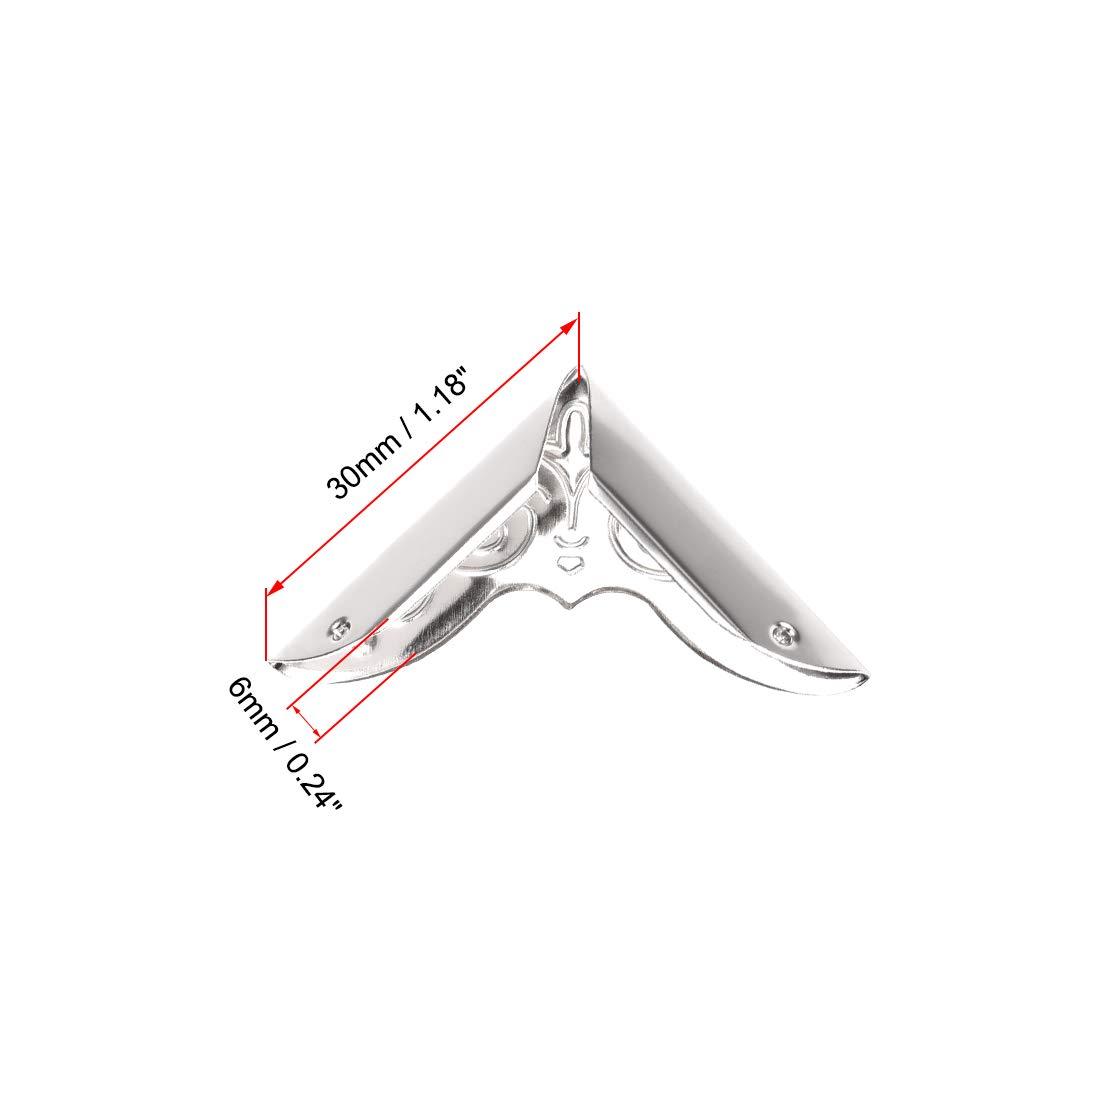 sourcing map Metal Libro Borde Protector Cubierta Protectores Esquina Tono de Bronce 25 x 25 x 5 mm-50 Piezas